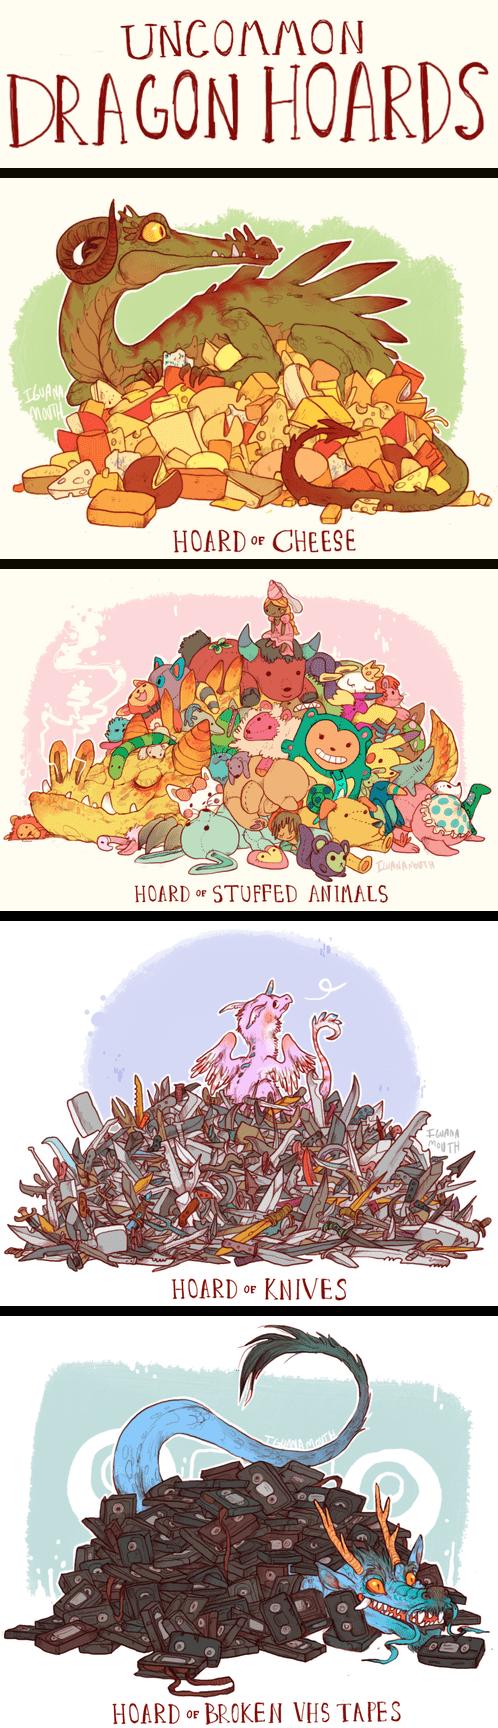 Fan Art cute dragons - 8105340928